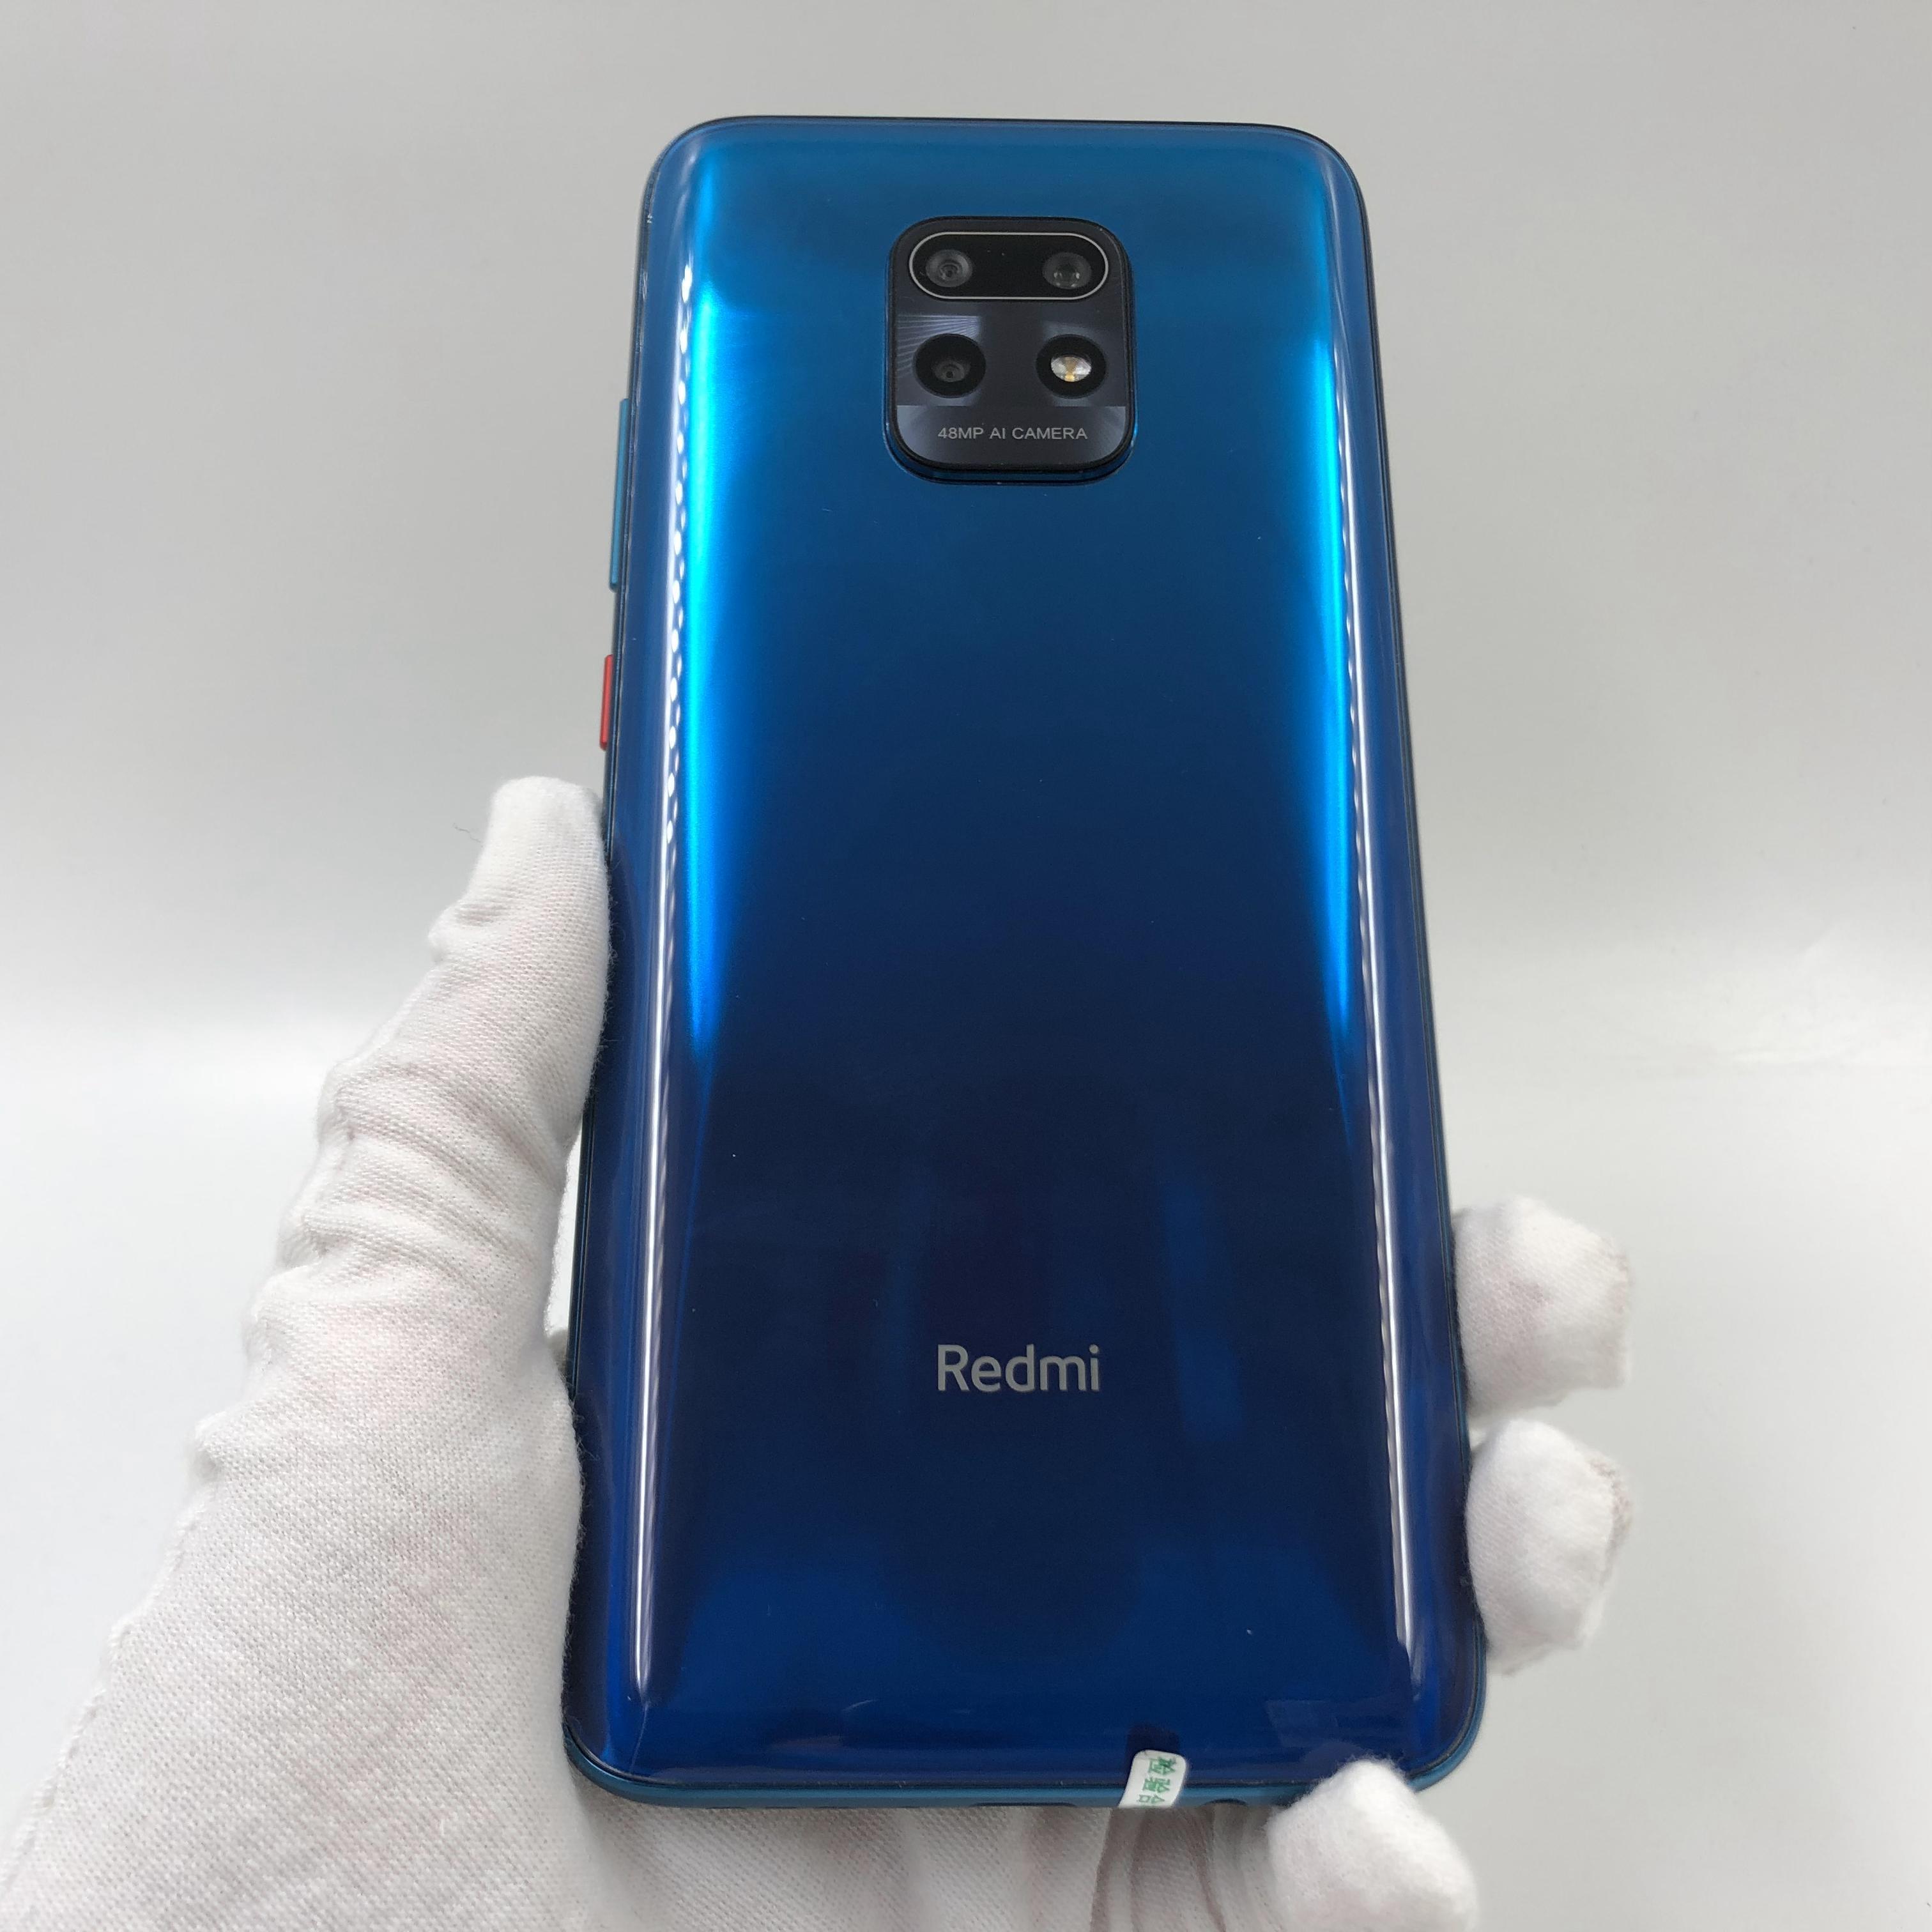 小米【Redmi 10X 5G】5G全网通 深海蓝 6G/64G 国行 95新 真机实拍